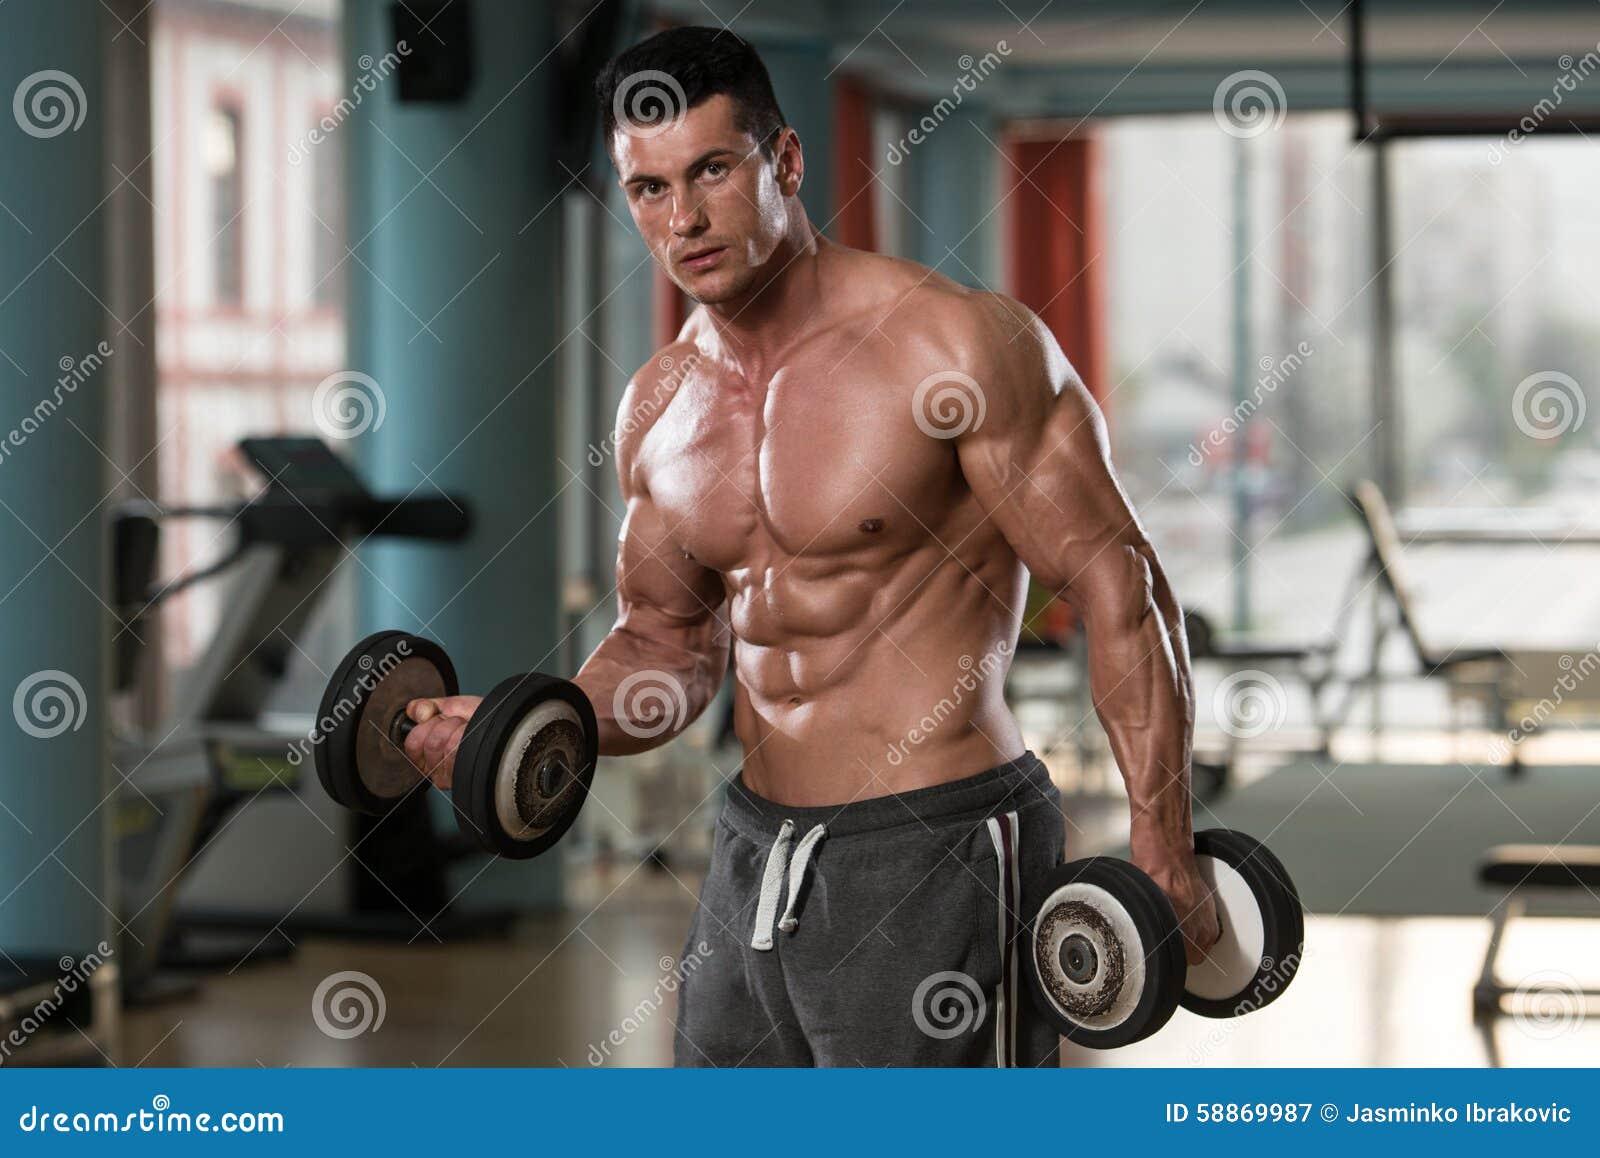 Culturista joven que ejercita el bíceps con pesas de gimnasia